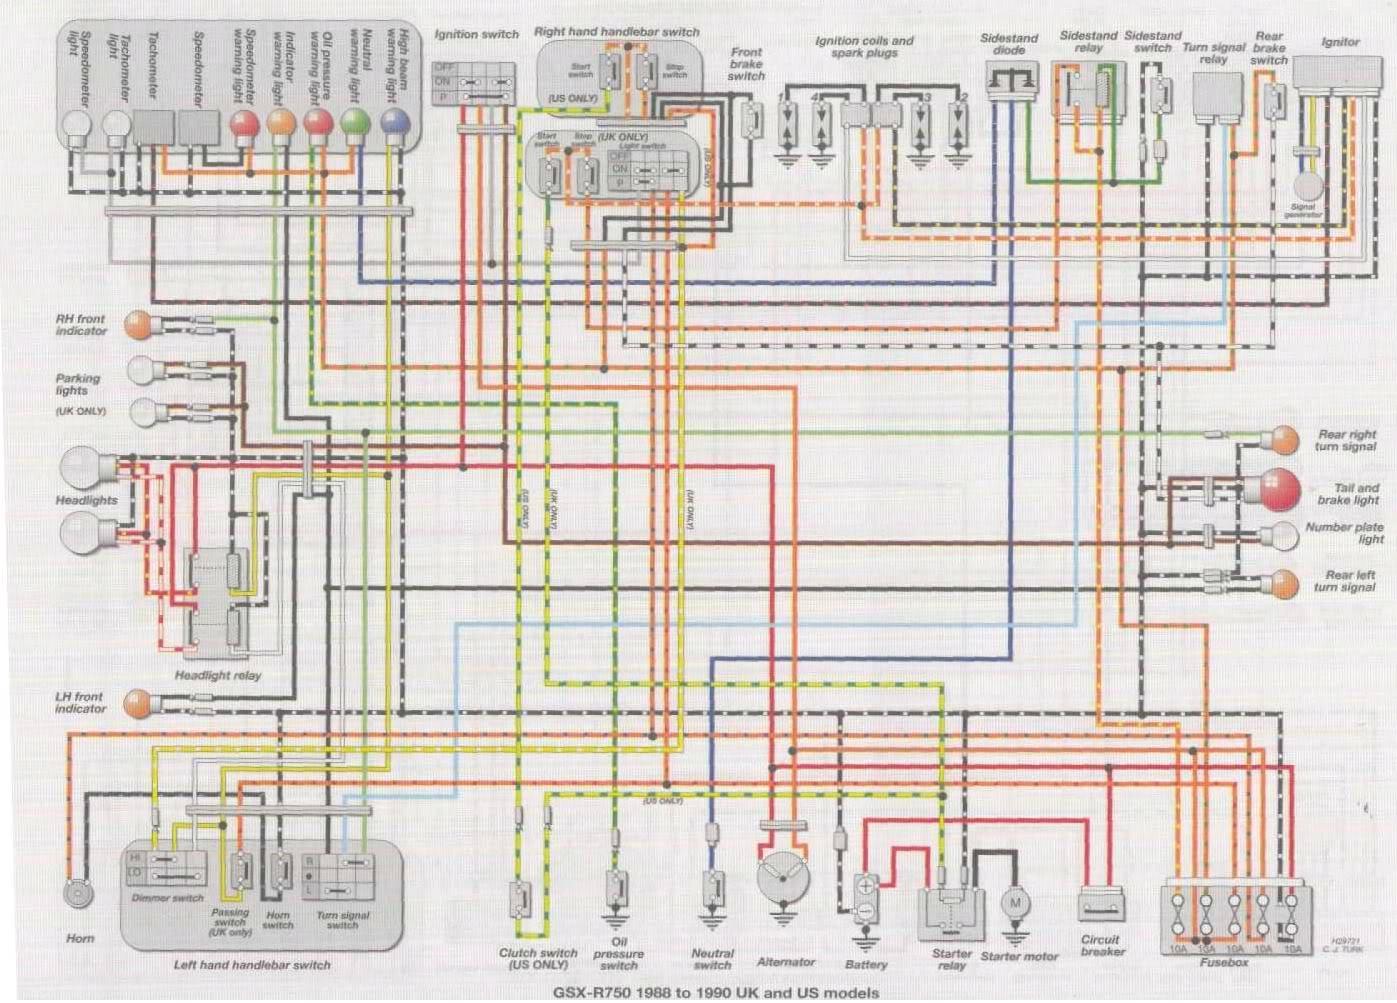 [DHAV_9290]  OL_2552] Gsxr 1100 Wiring Diagram Free Diagram | 1991 Gsxr 750 Wiring Diagram |  | Dome Acion Alma Ospor Nizat Knie Mohammedshrine Librar Wiring 101